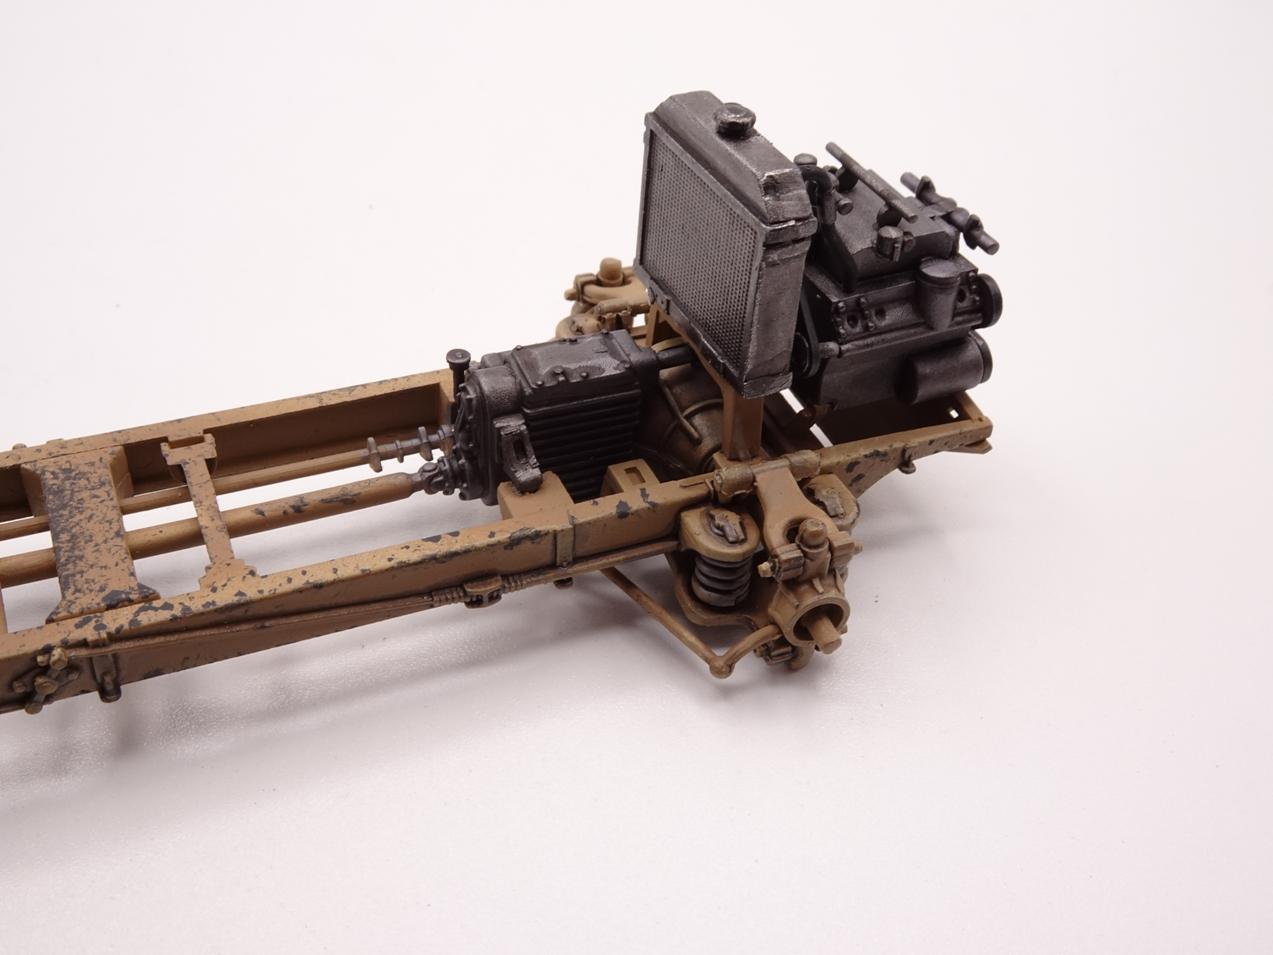 [Hobby Boss 1/35°] Sd.Kfz. 222 Leichter Panzerspähwagen 222-2404-4